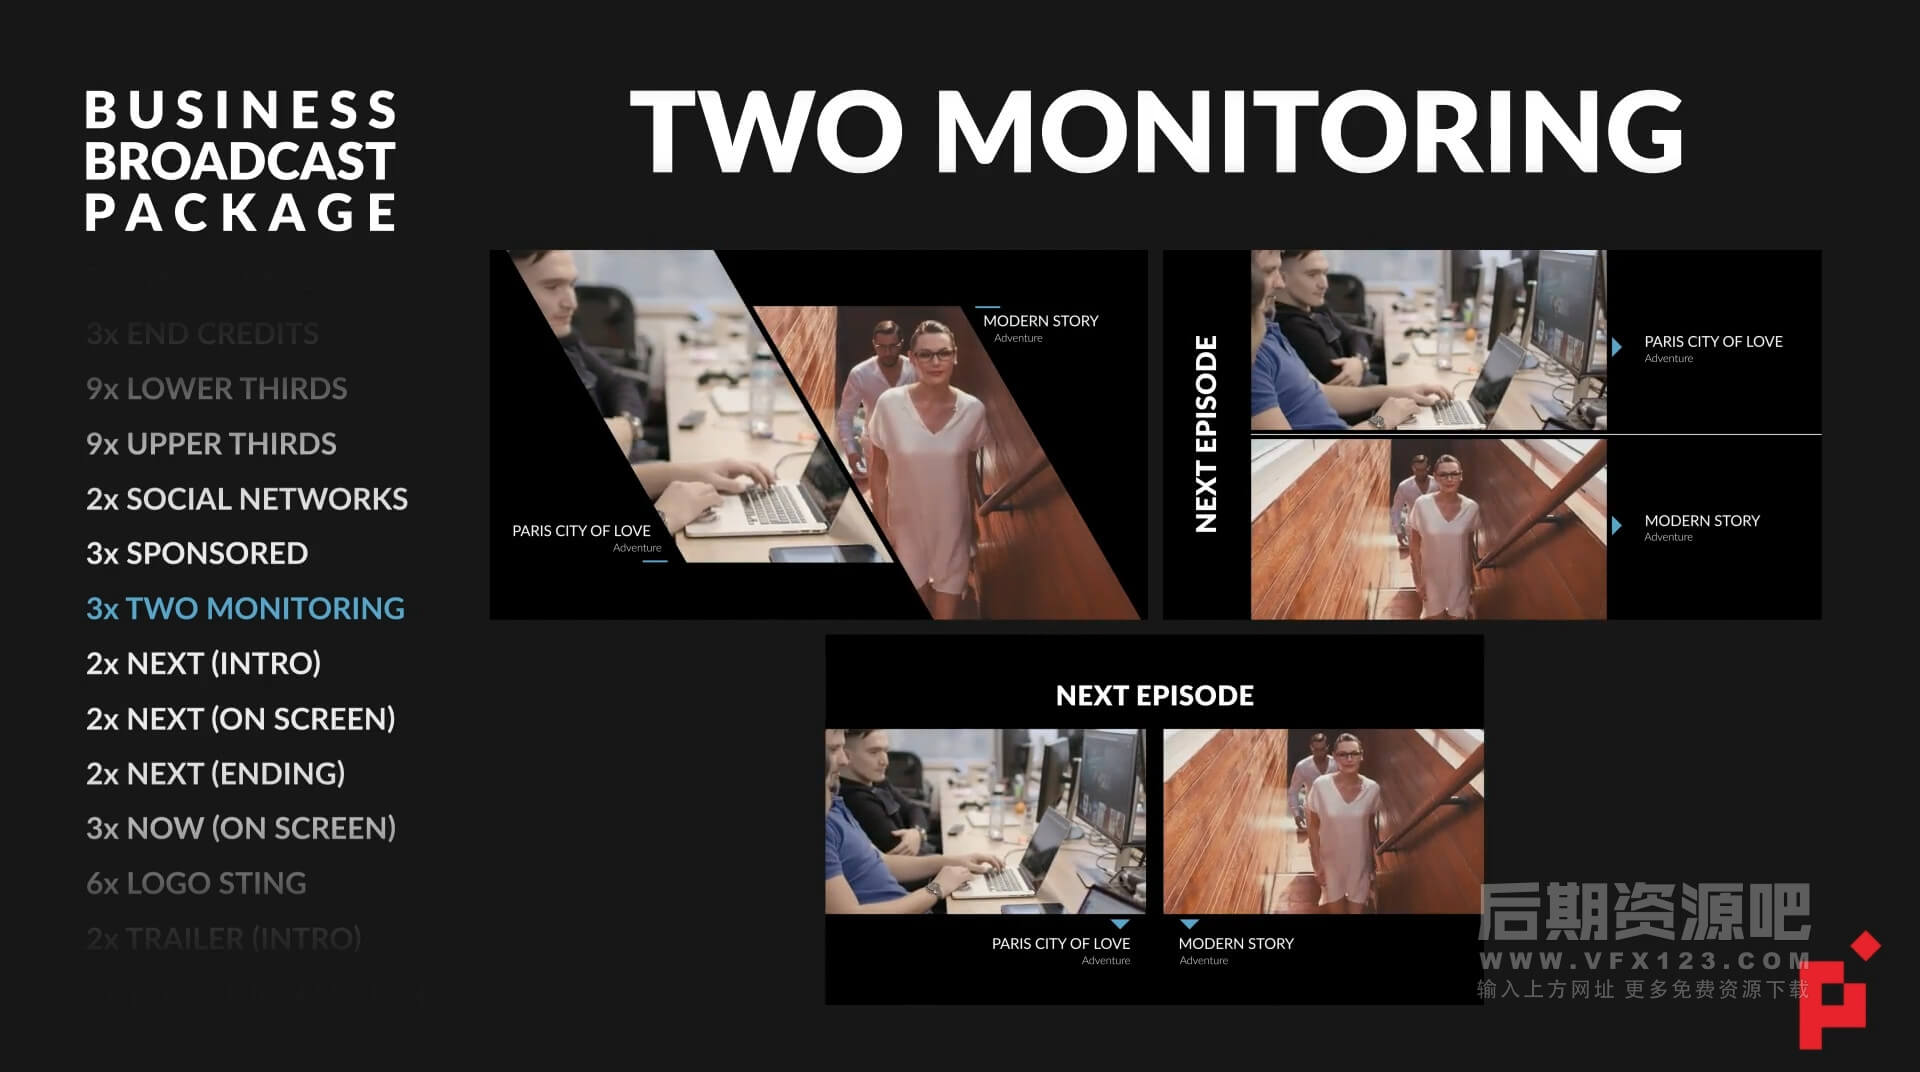 Fcpx插件 新闻公司企业宣传片栏目包装素材包 片头字幕条时间表预告片尾分屏等